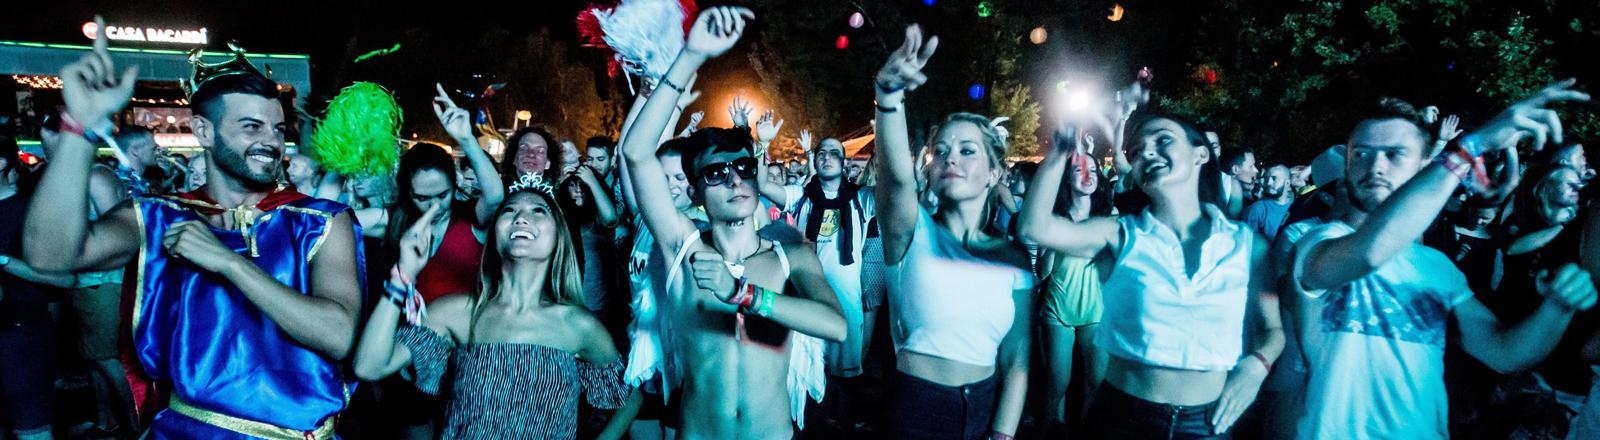 Techno peoples bei einem Festival in Budapest. David Guetta hat aufgelegt.